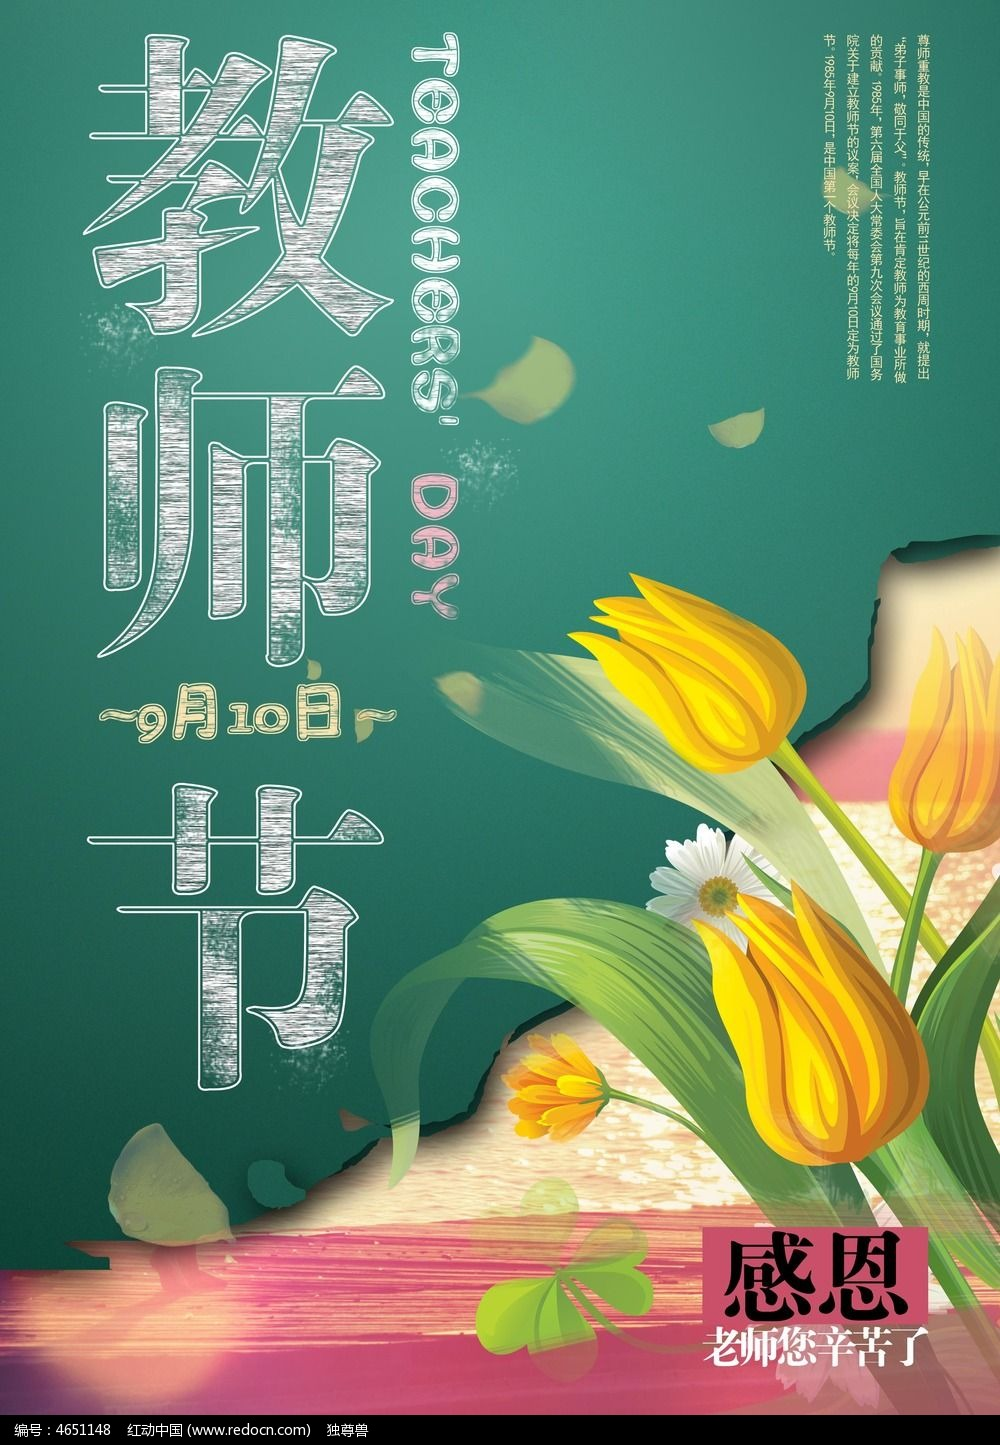 感恩教师节宣传海报设计图片